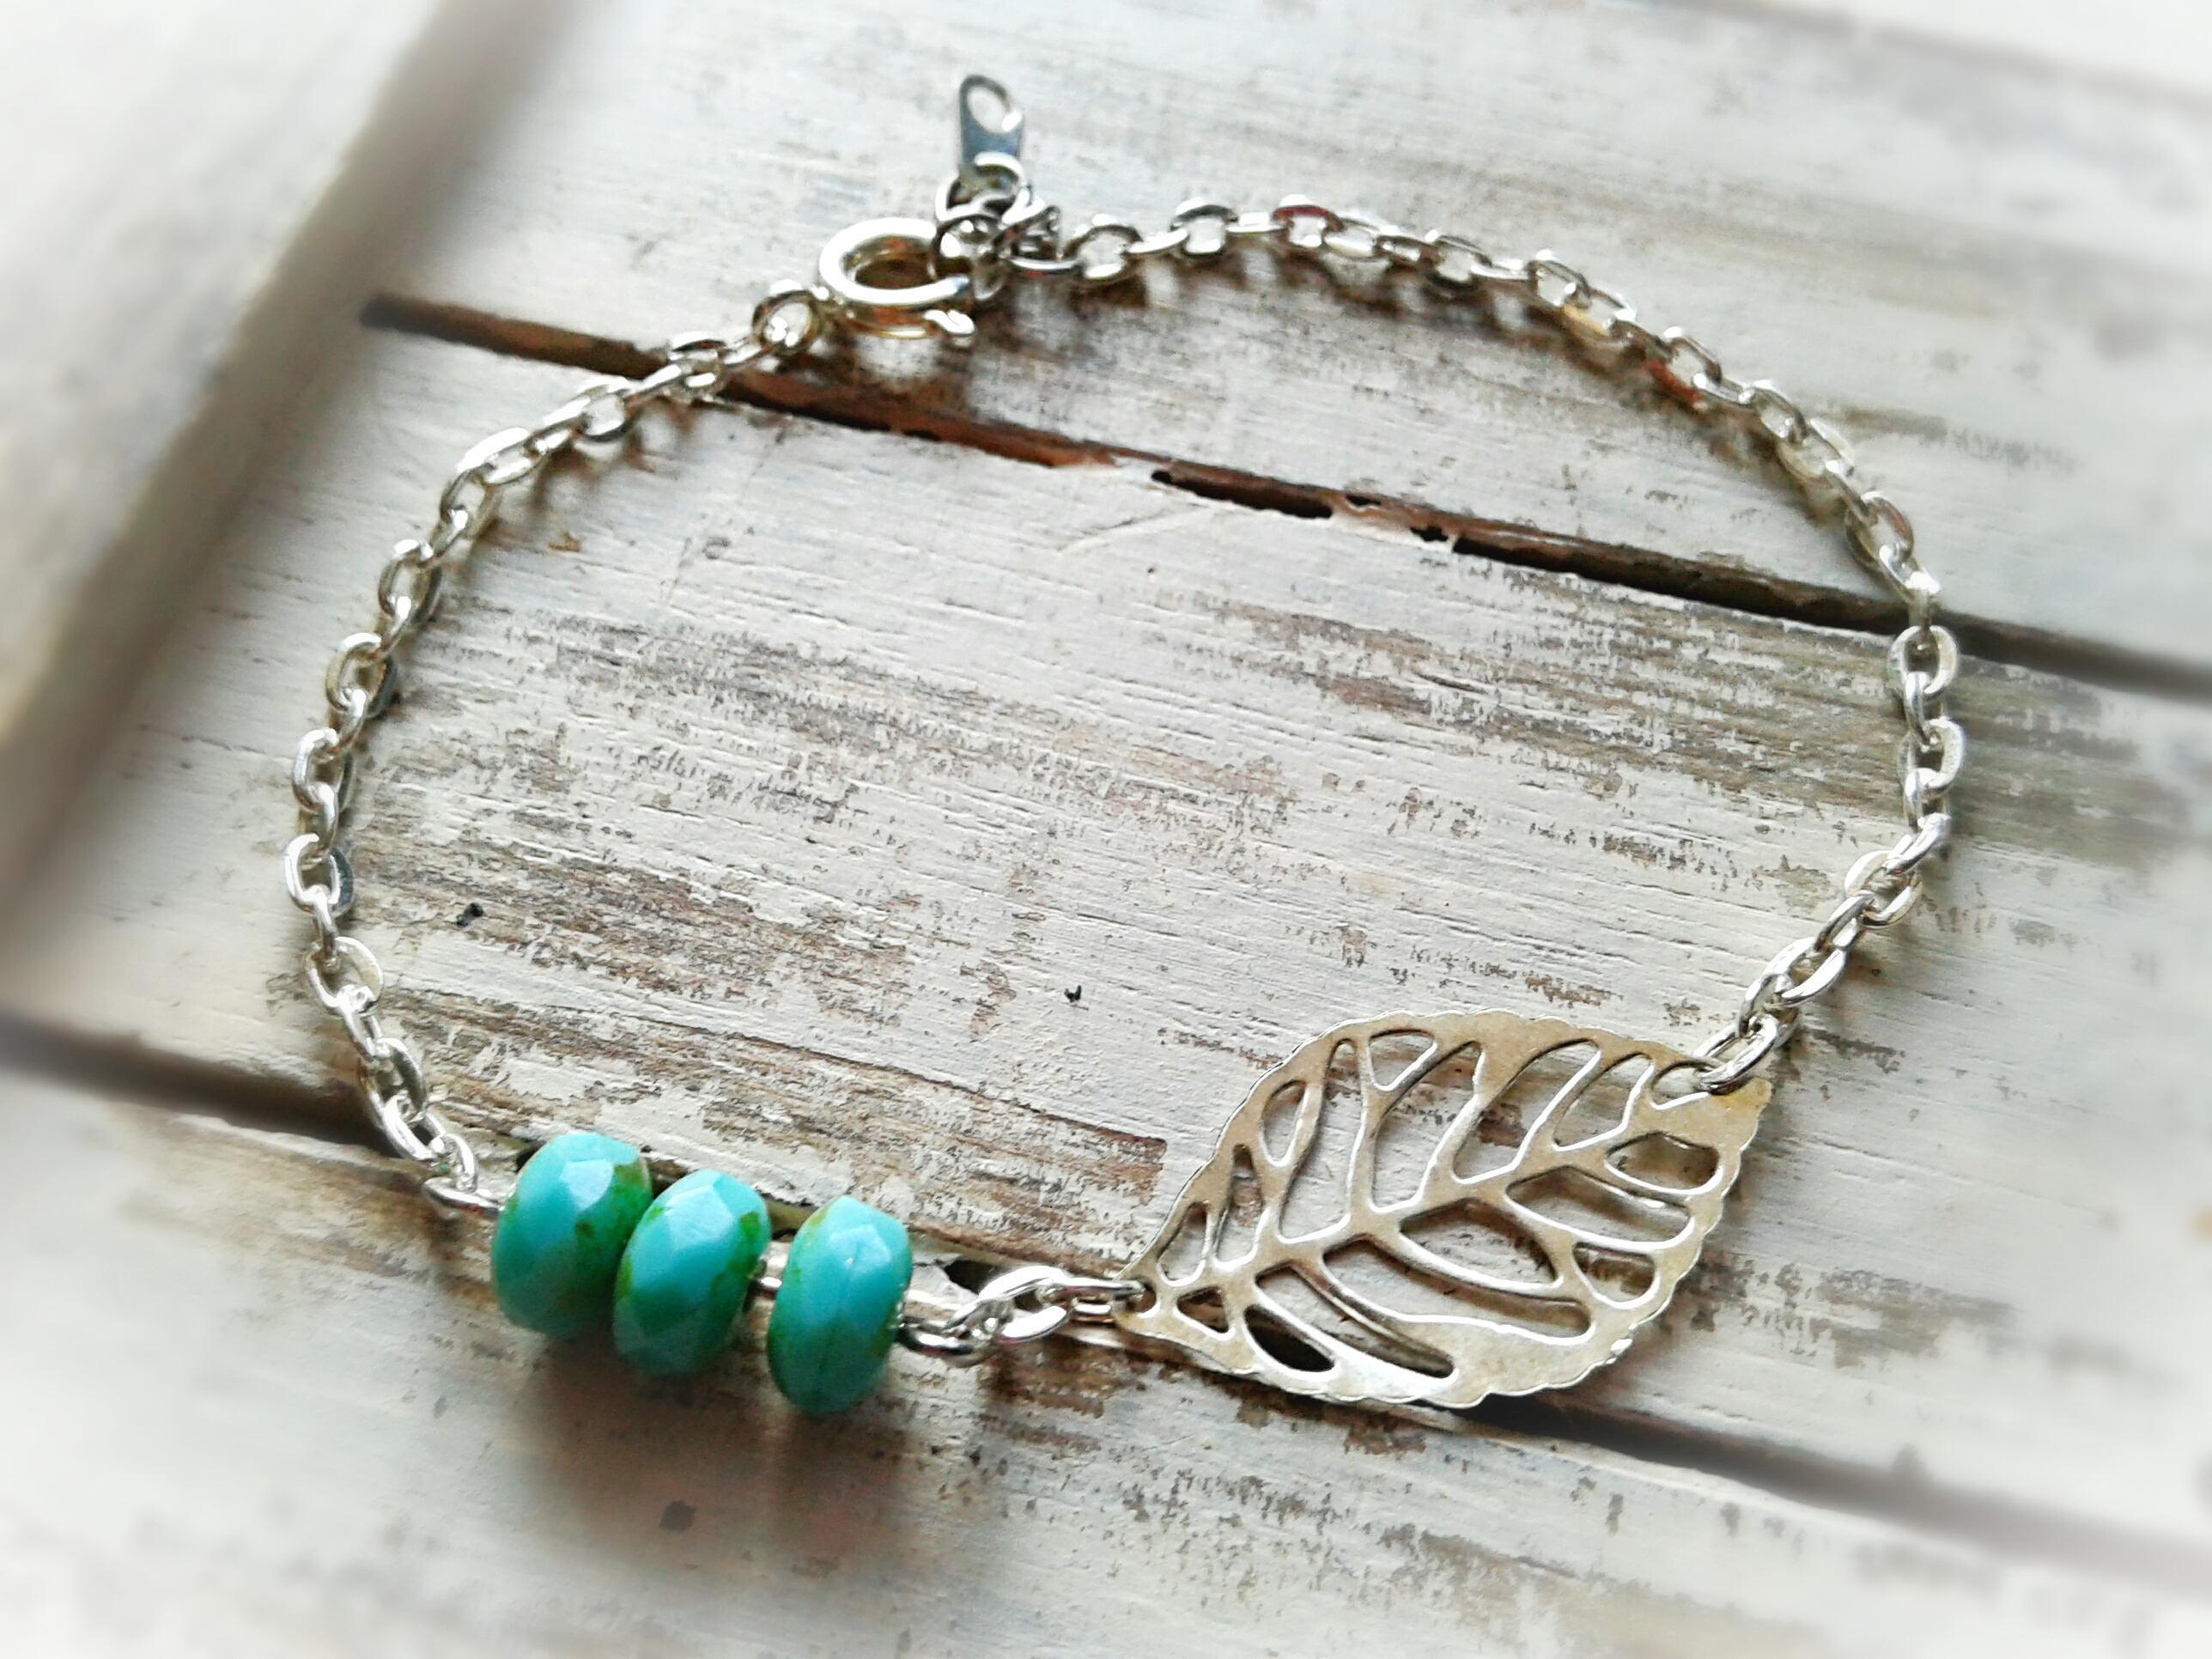 e20f26b79 Tiny Silver Skeleton Leaf Anklet Tiny Turquoise Beads Ankle Bracelet Nature  Anklet Silver Leaf Ankle Bracelet